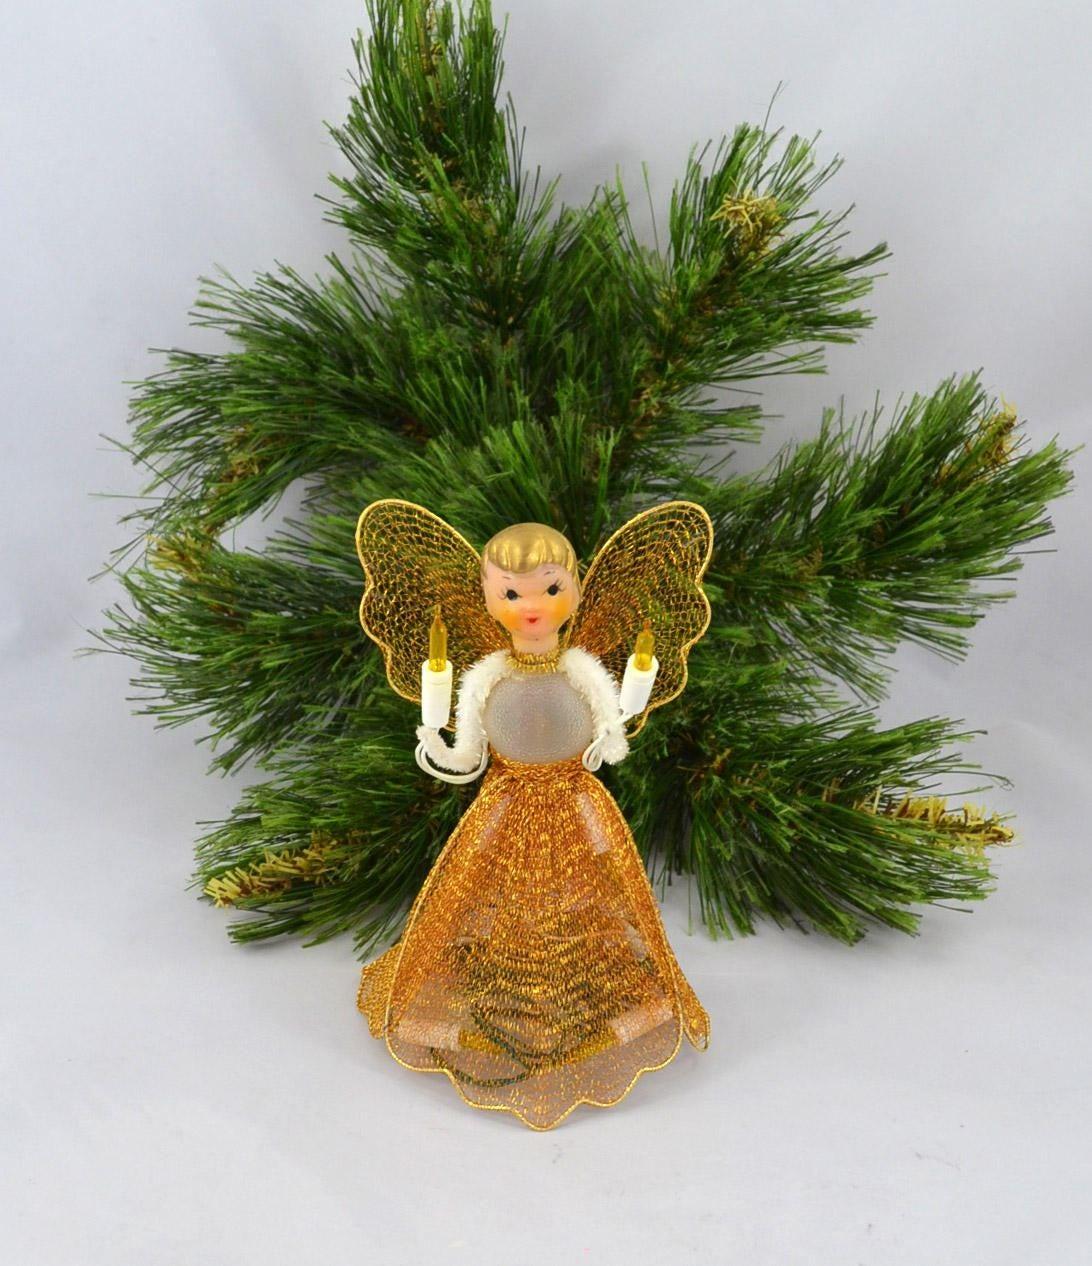 vintage angel tree topper lighted gold mesh angel topper. Black Bedroom Furniture Sets. Home Design Ideas